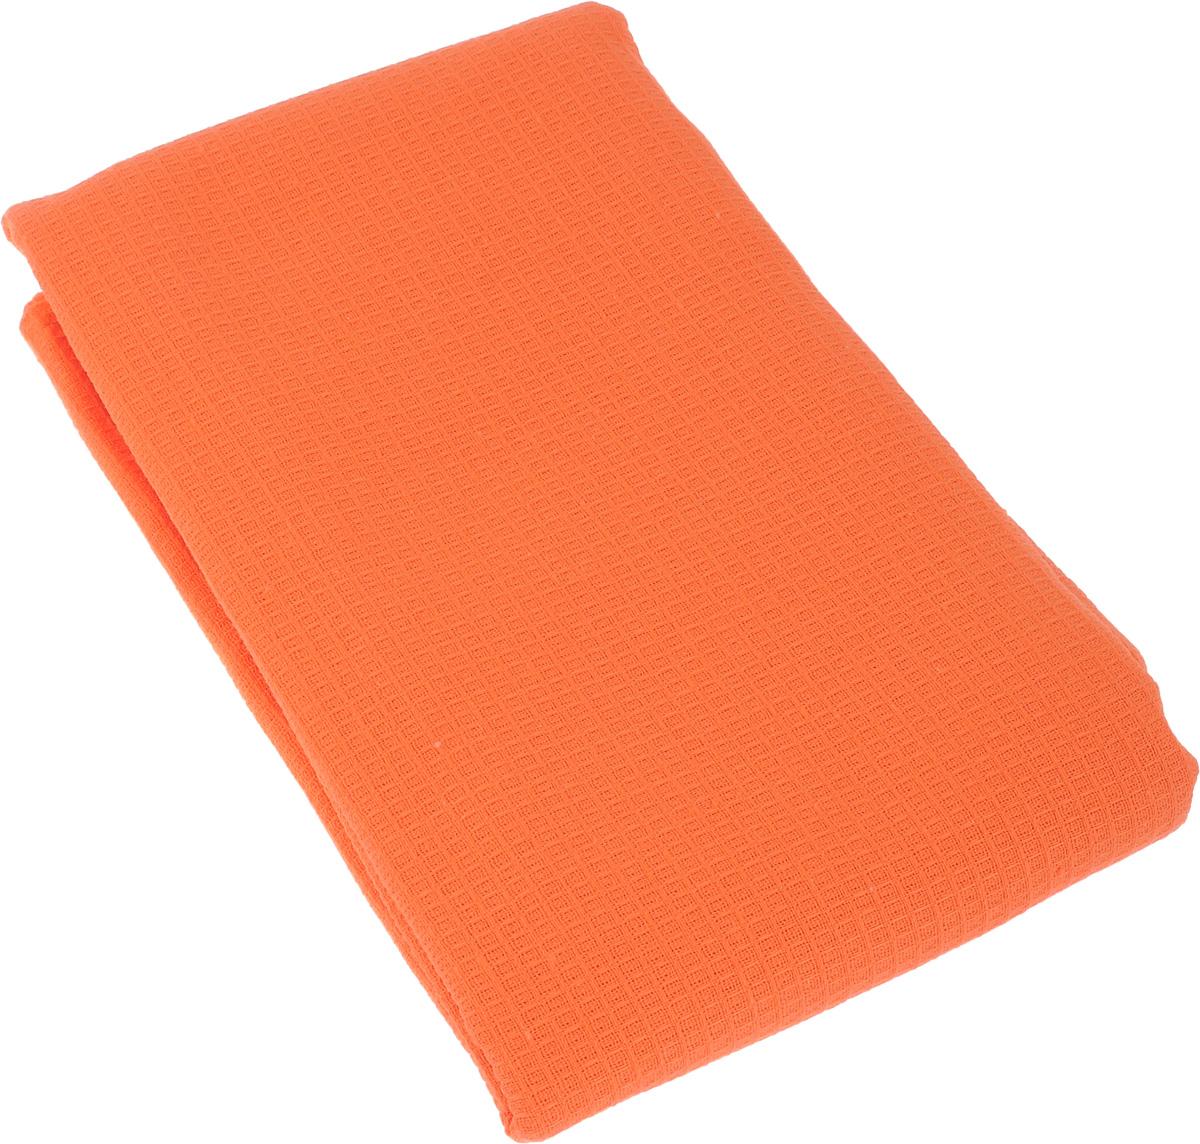 Полотенце-простыня для бани и сауны Банные штучки, цвет: оранжевый, 80 х 150 см32070_оранжевыйВафельное полотенце-простыня для бани и сауны Банные штучки изготовлено из натурального хлопка. В парилке можно лежать на нем, после душа вытираться, а во время отдыха использовать как удобную накидку. Такое полотенце-простыня идеально подойдет каждому любителю бани и сауны.